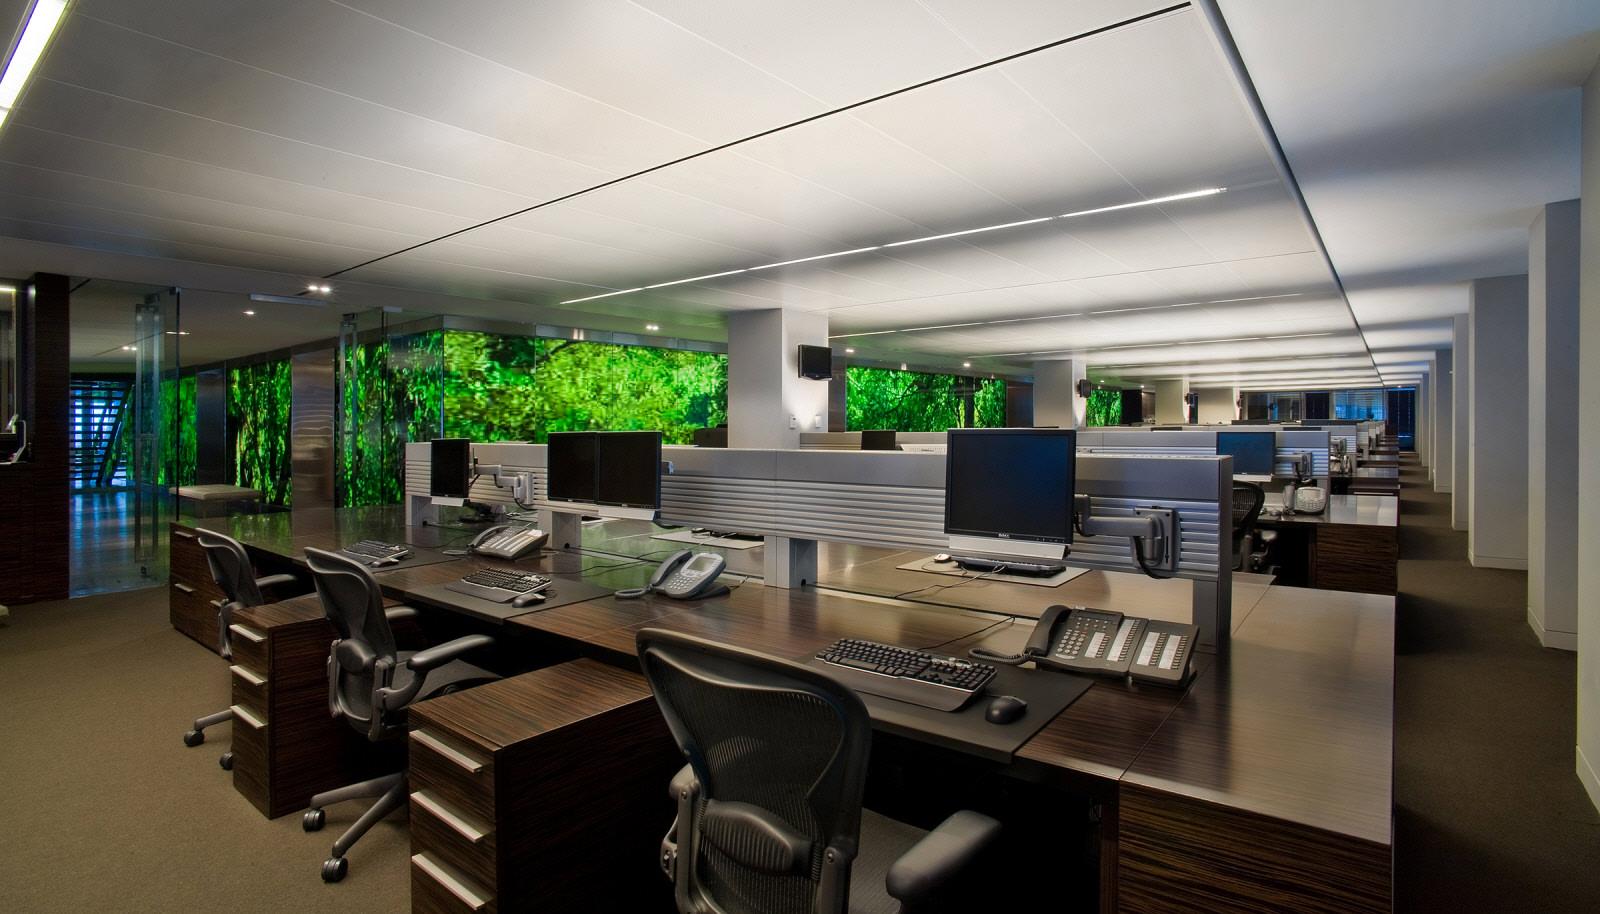 БИЗНЕС ИНКУБАТОР – КЪРДЖАЛИ разполага със свободни офиси